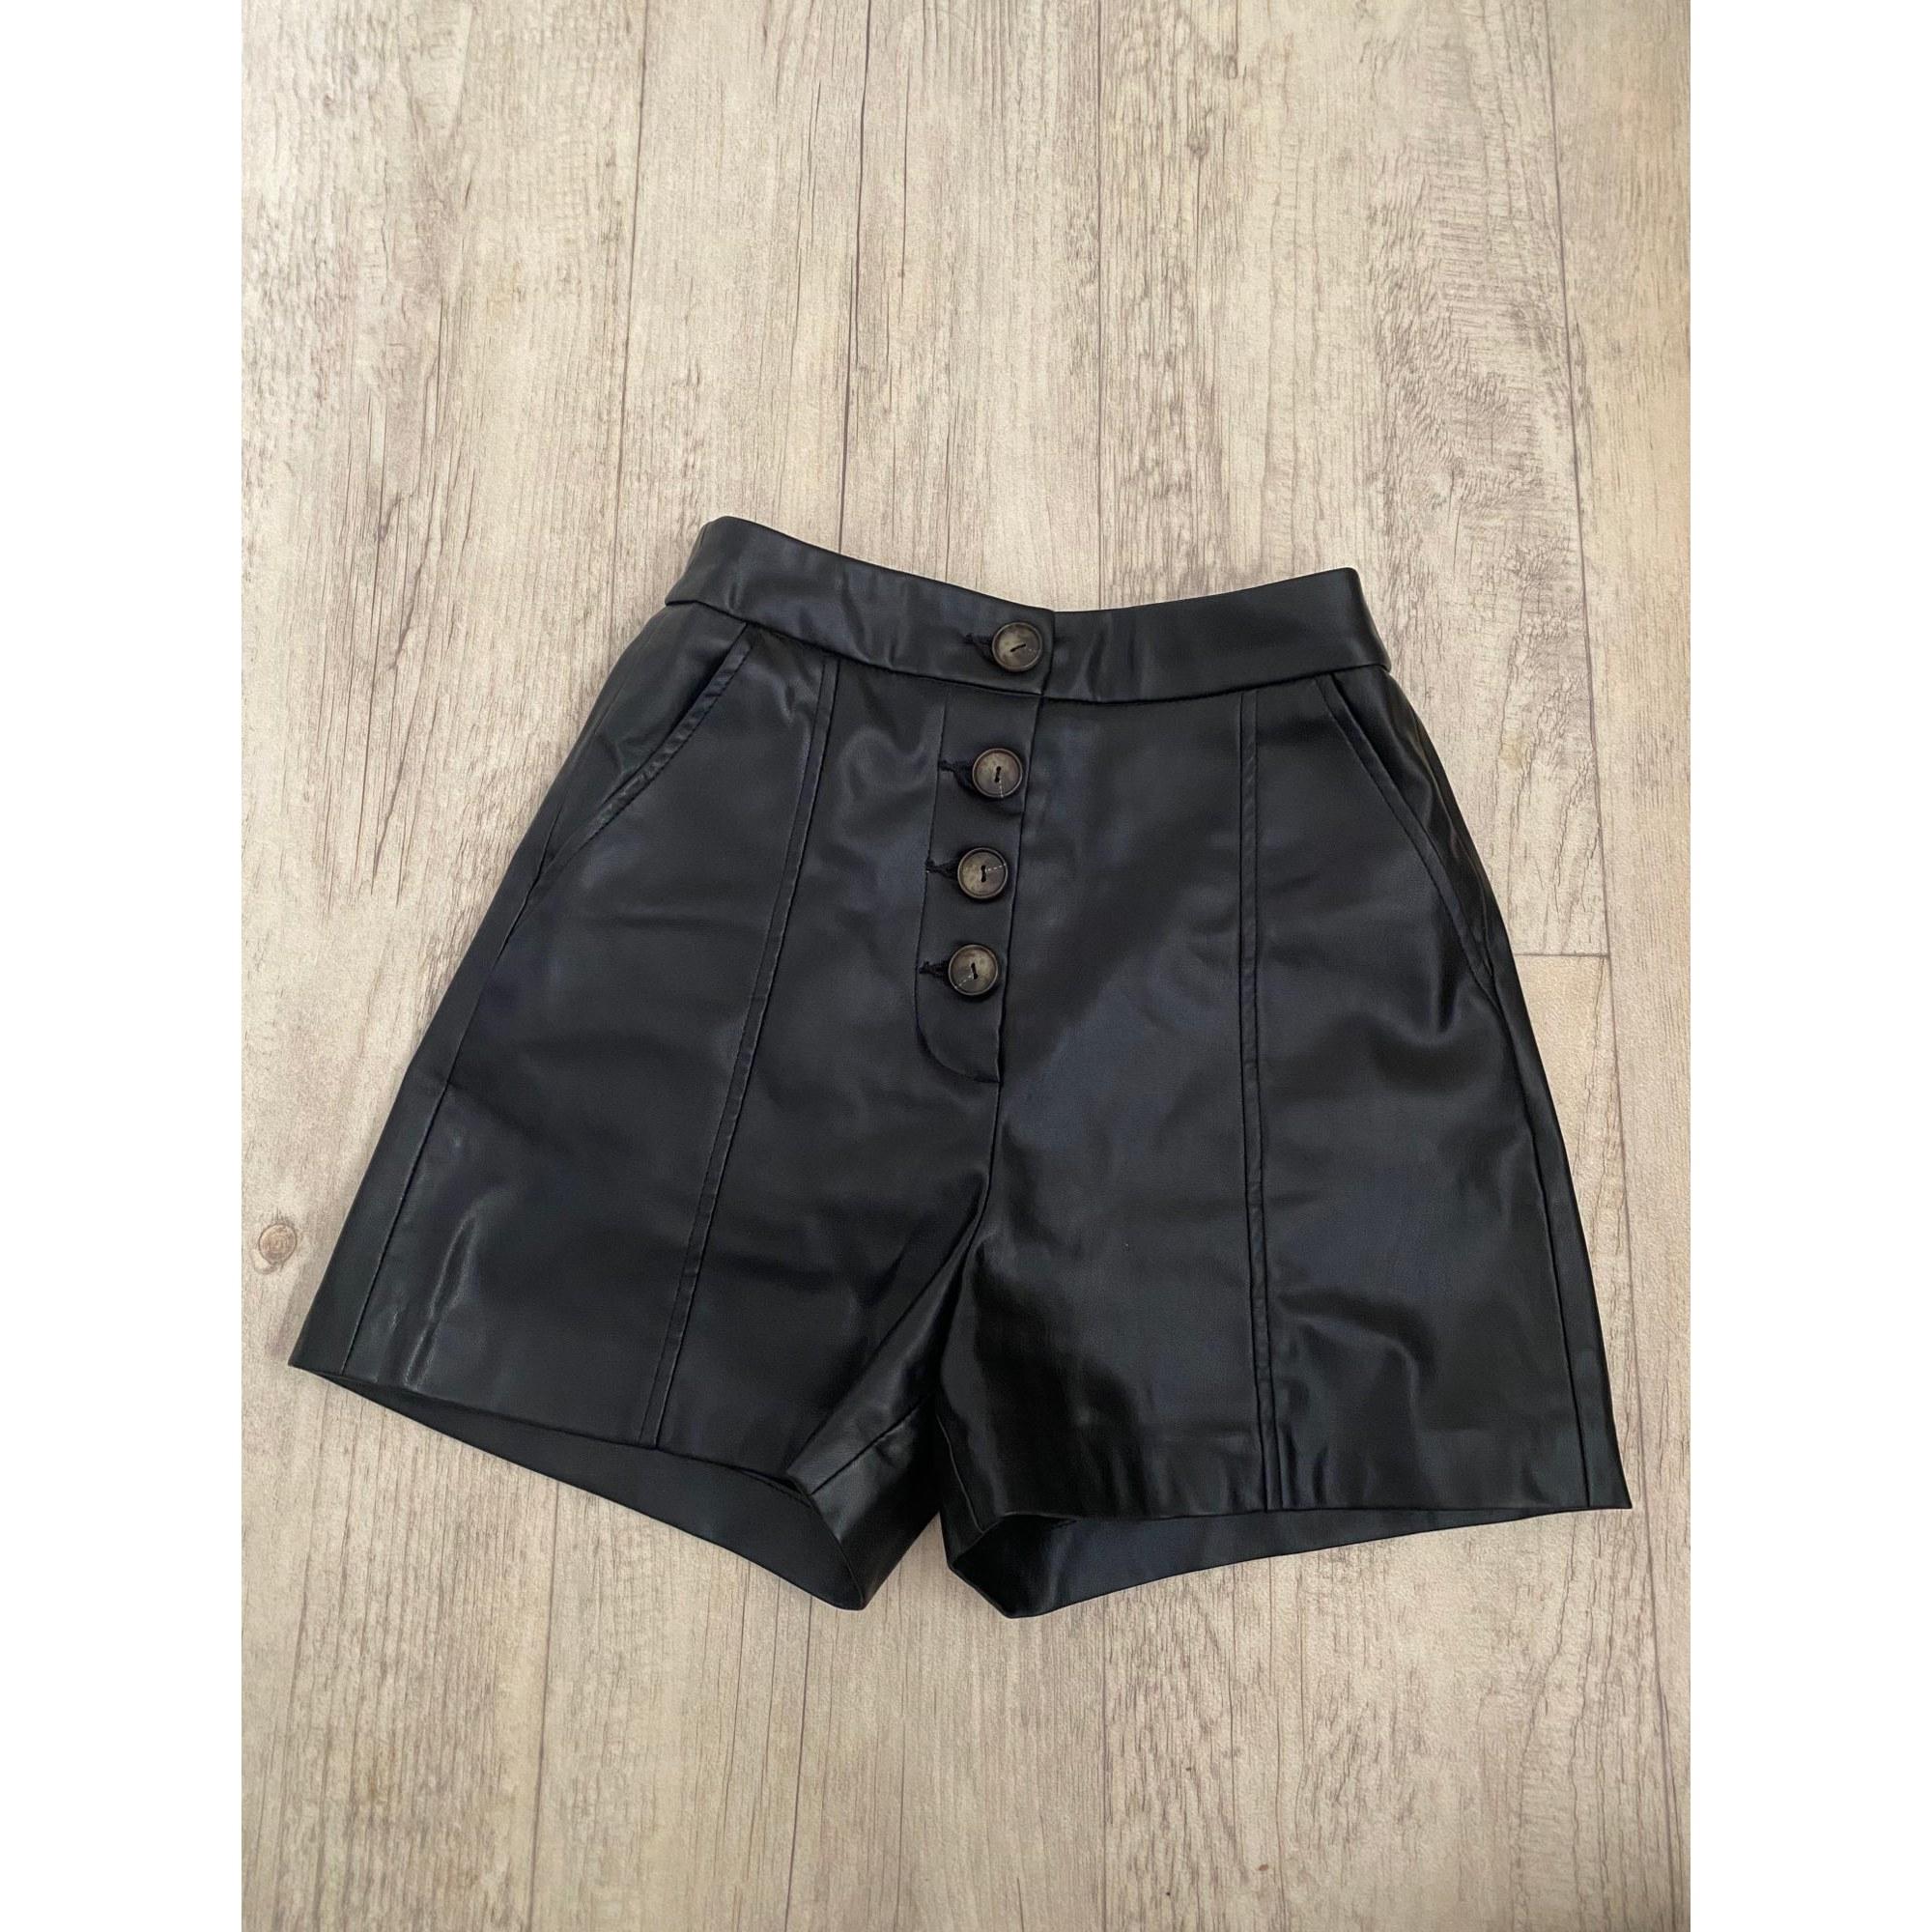 Short STRADIVARIUS Noir